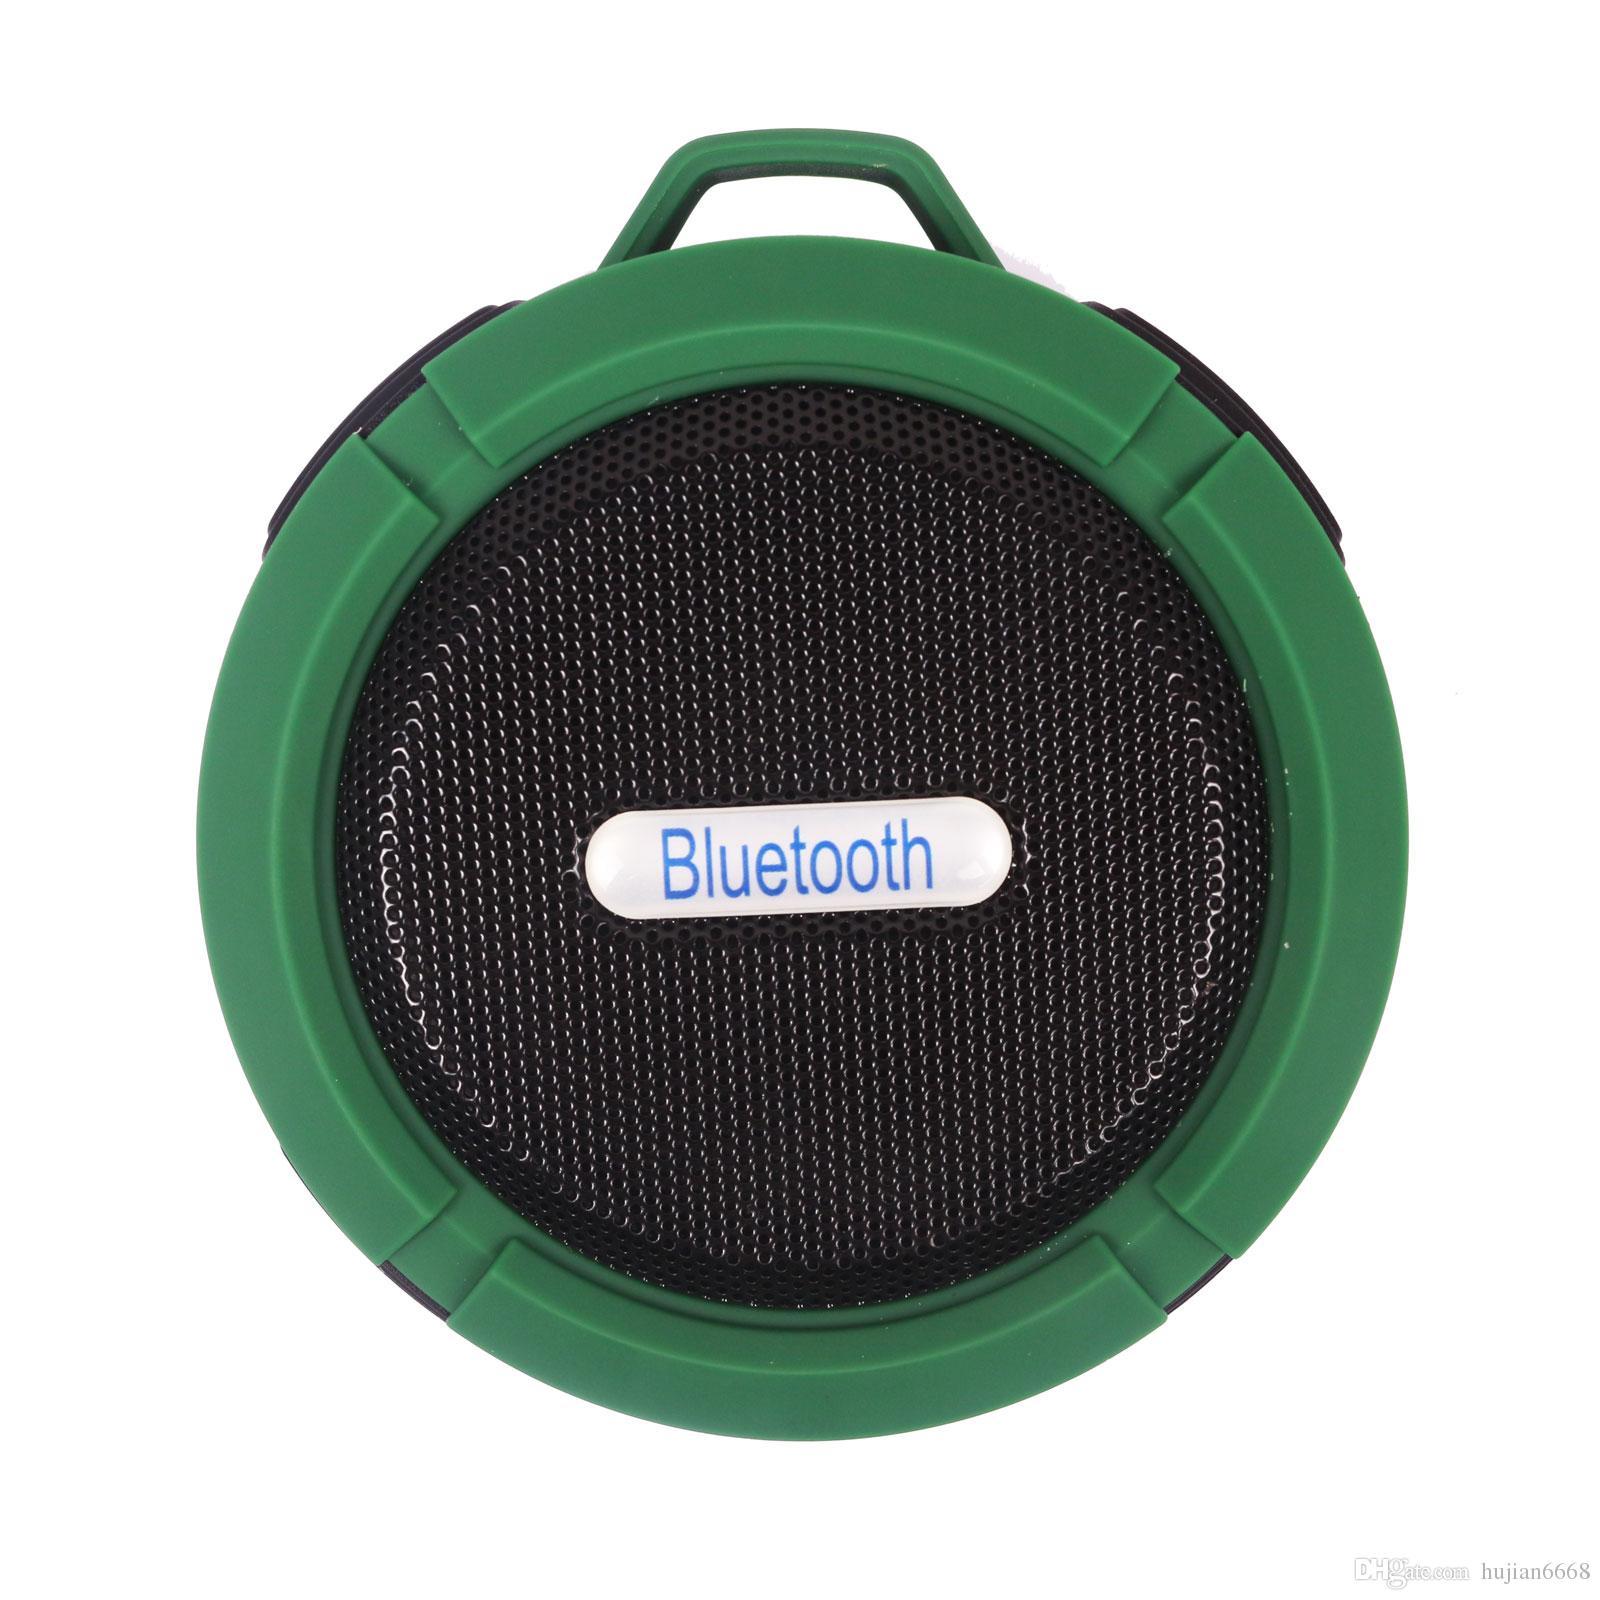 C6 Bluetooth Haut-Parleur Portable Ventouse Stéréo De Mode Sans Fil Étanche Hook up mains libres Mini Audio Haut-Parleur avec Micro